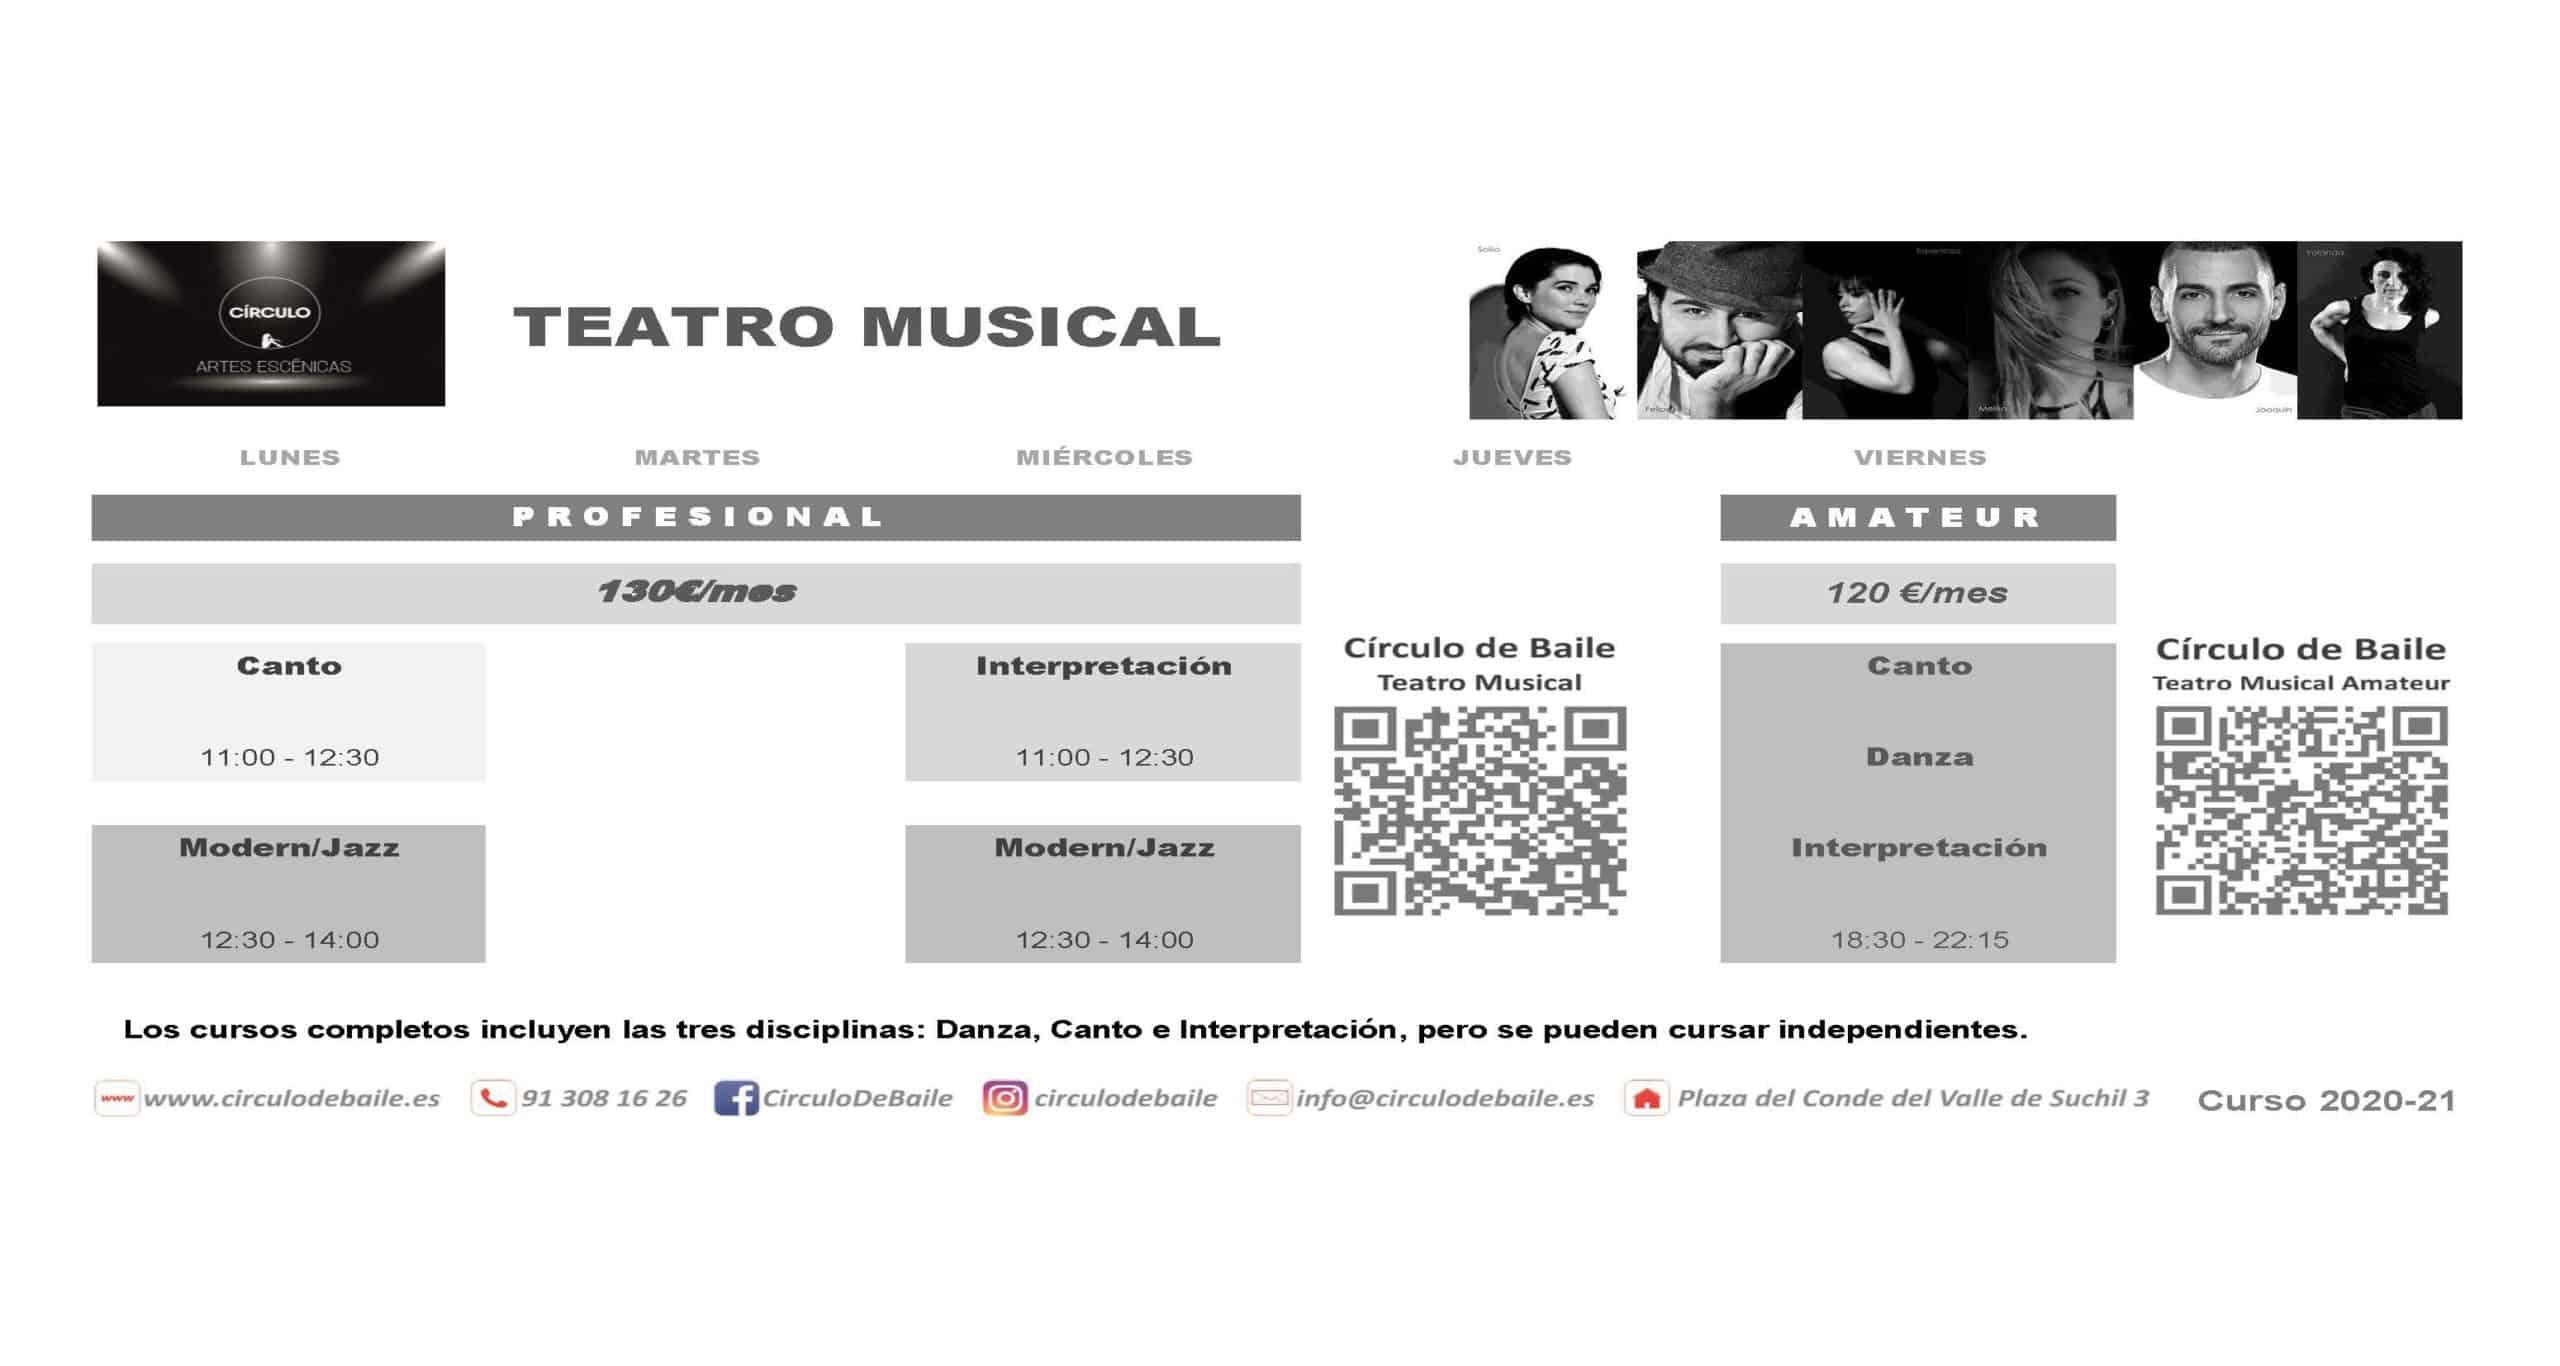 Horarios de Teatro Musical Amateur del curso 2020-21 en Circulo de Baile